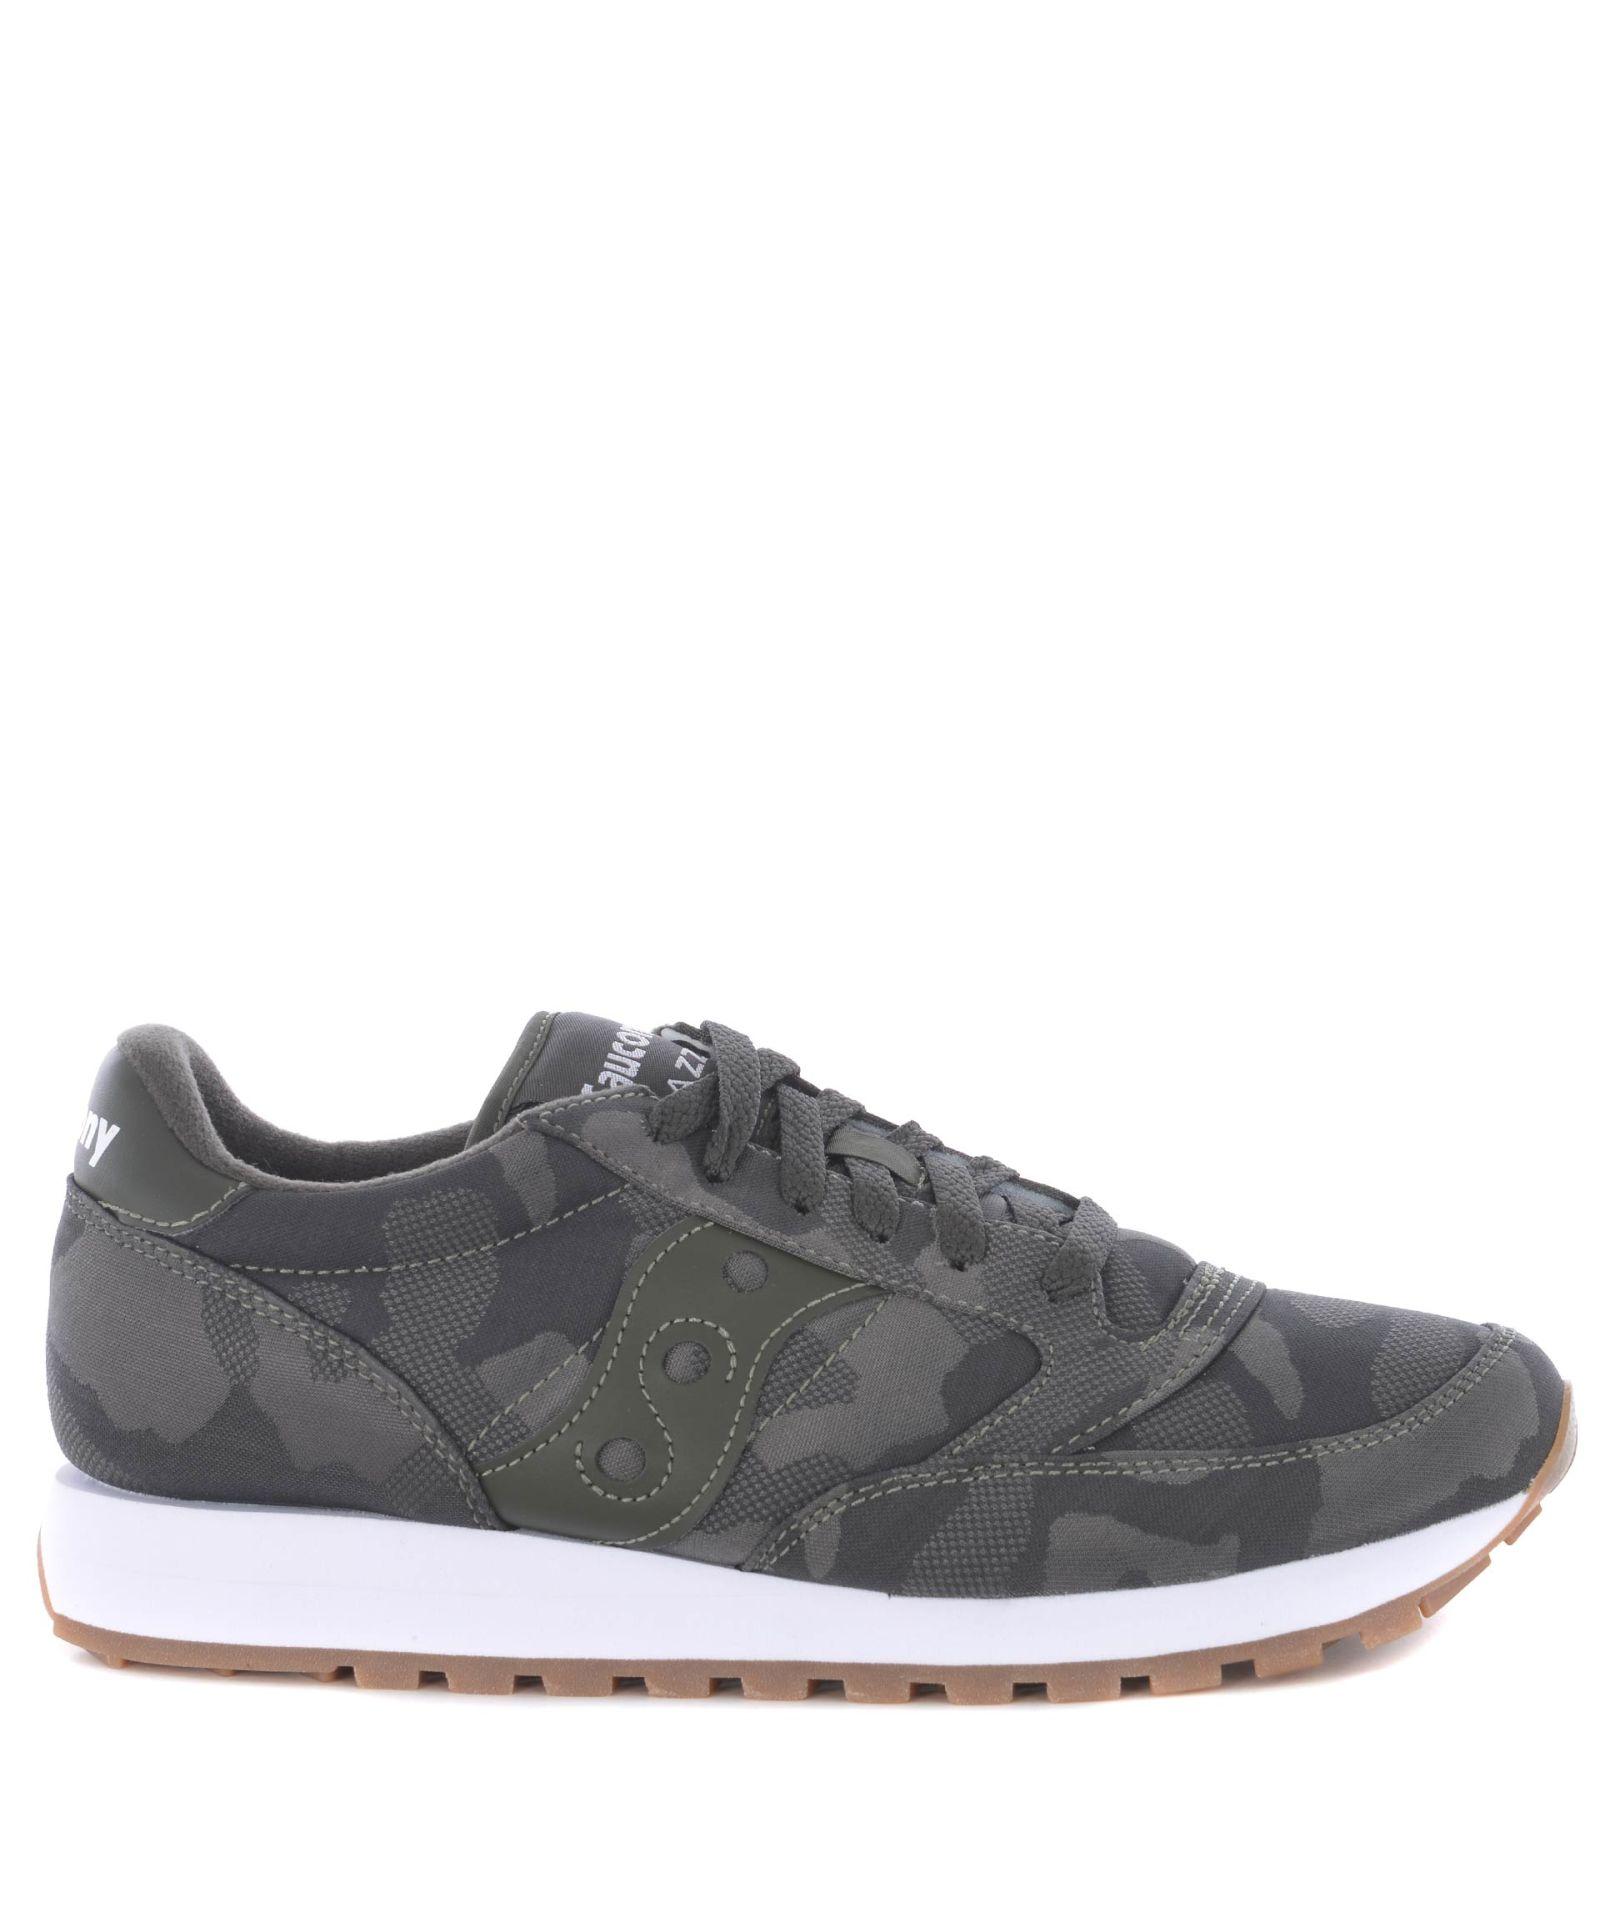 separation shoes 6286e 05544 Saucony Jazz Original